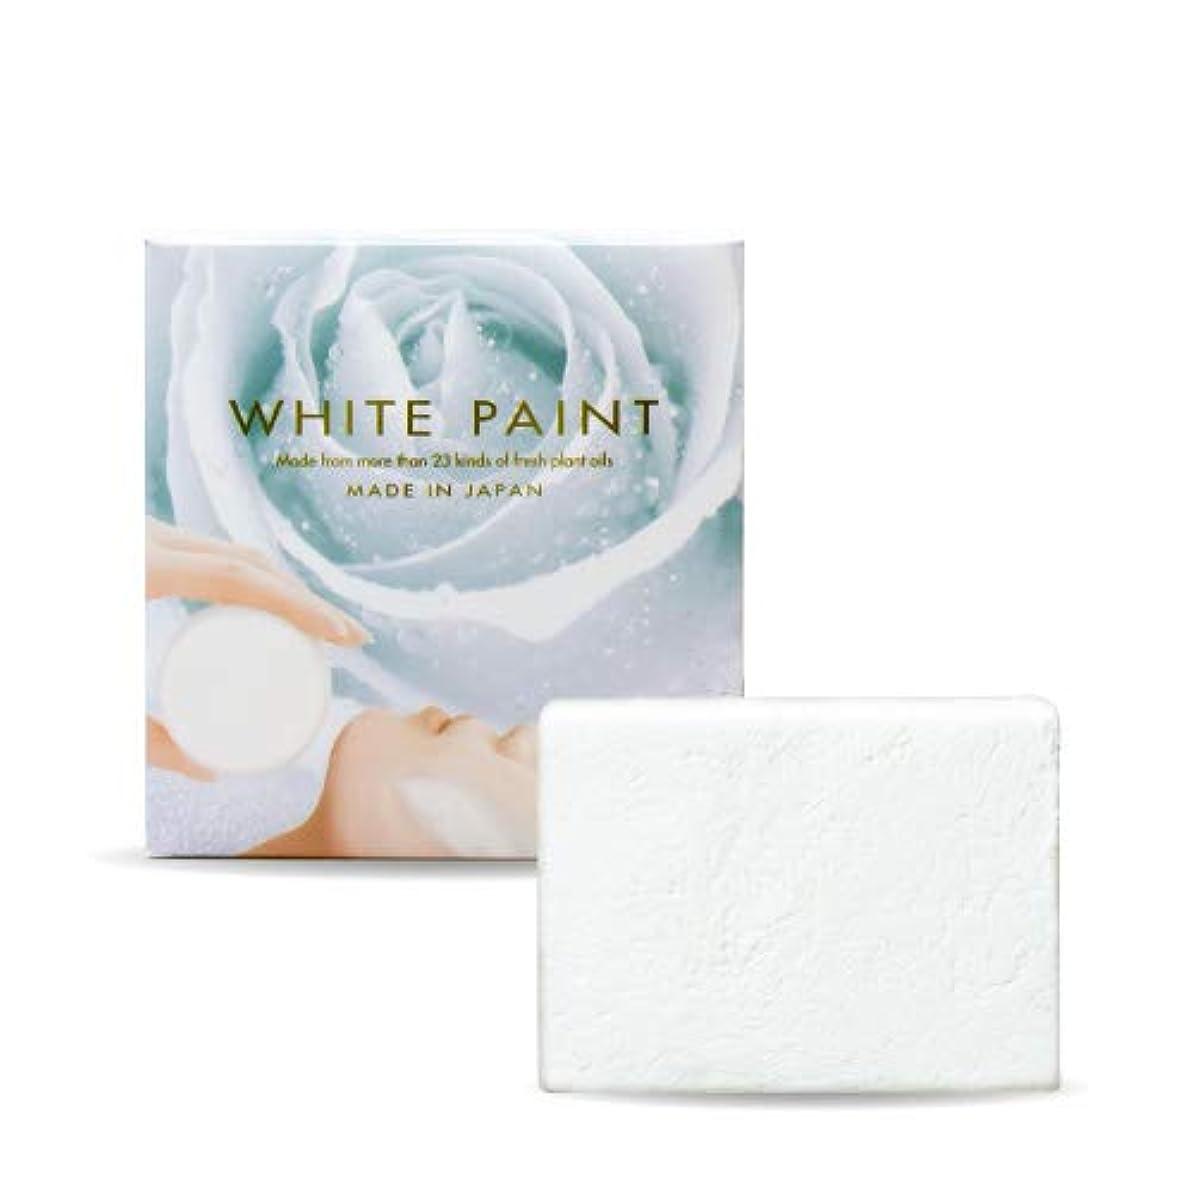 手伝う寄生虫ヒューズホワイトペイント 60g ハーフサイズ 塗る洗顔 石鹸 無添加 国産